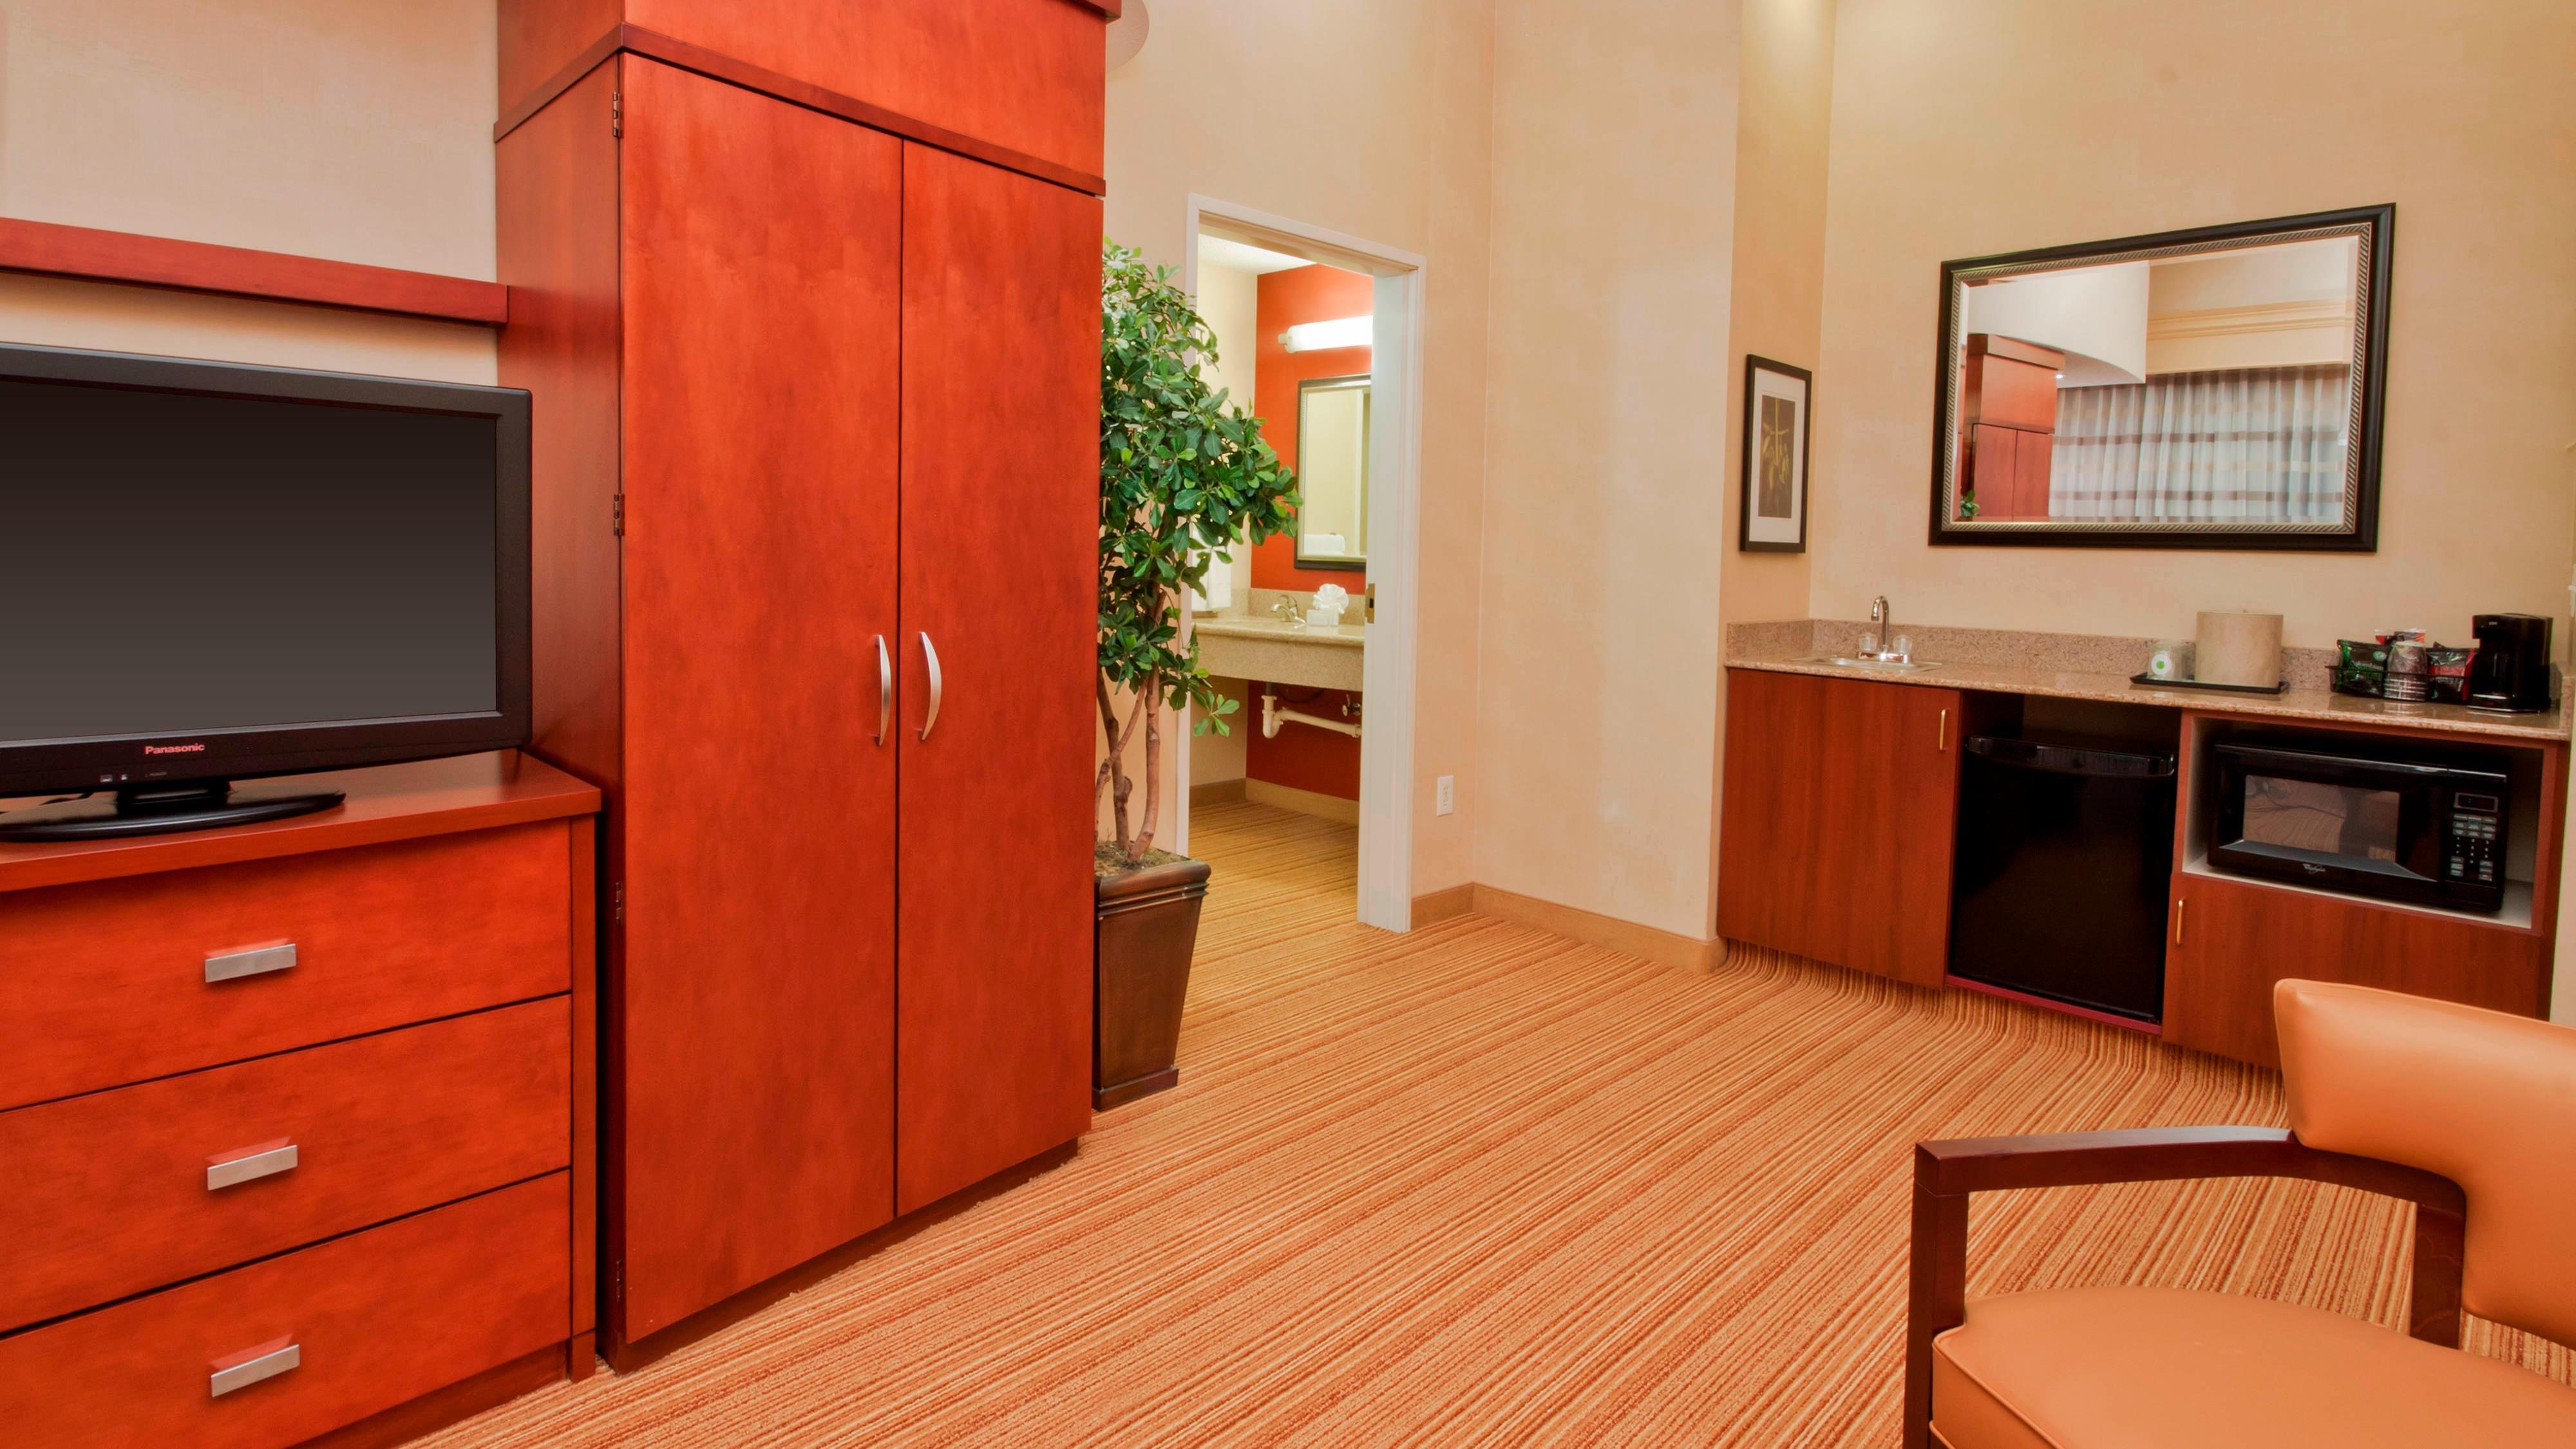 Comodidades de las suites del hotel en Amarillo, Texas